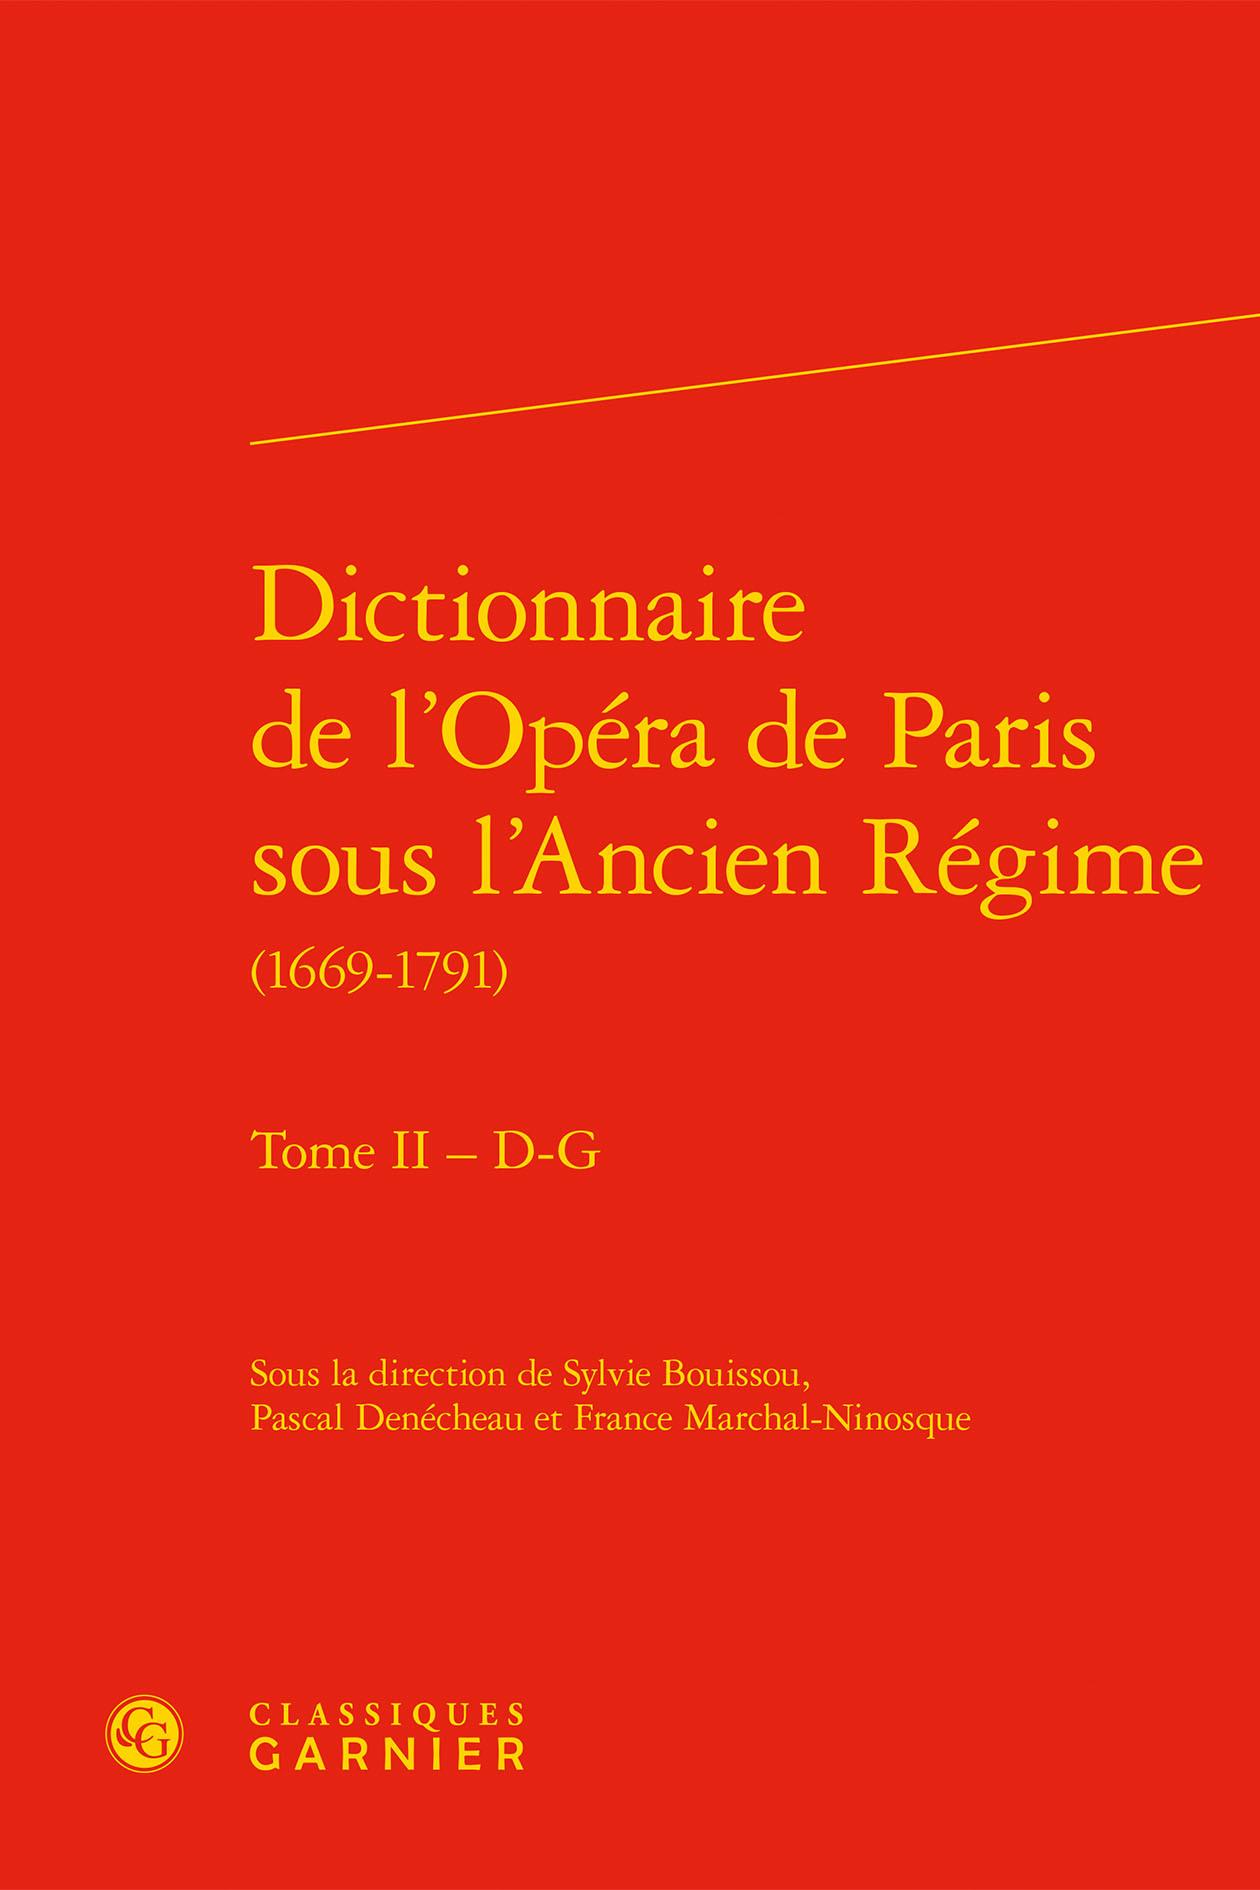 DICTIONNAIRES ET SYNTHESES - T15 - DICTIONNAIRE DE L'OPERA DE PARIS SOUS L'ANCIEN REGIME - TOME II -